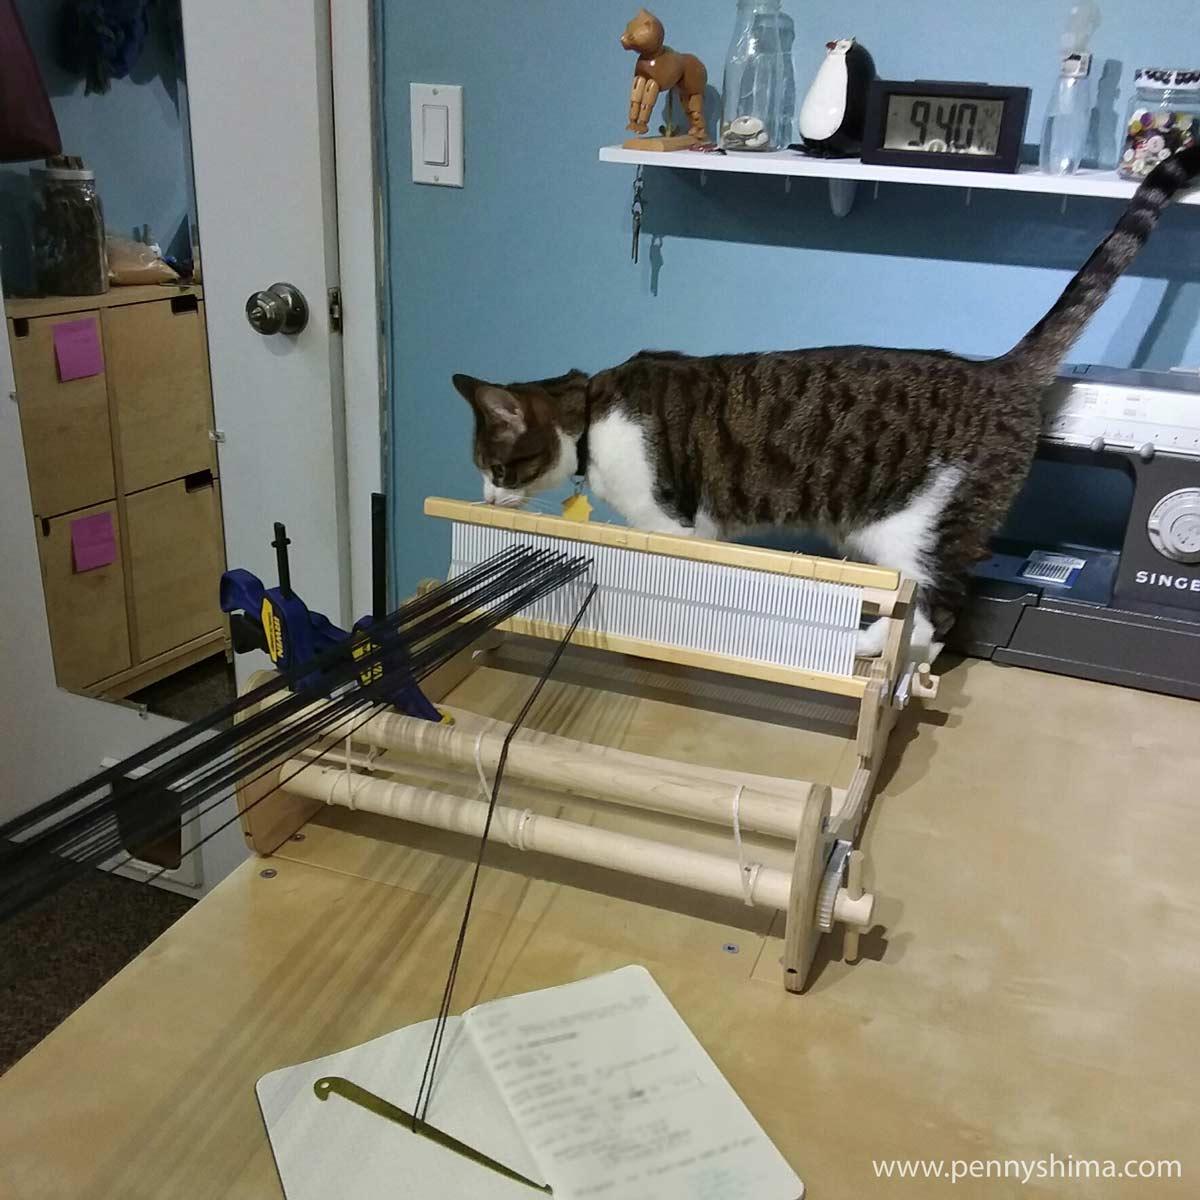 Buddy cat helps warp a rigid heddle loom.